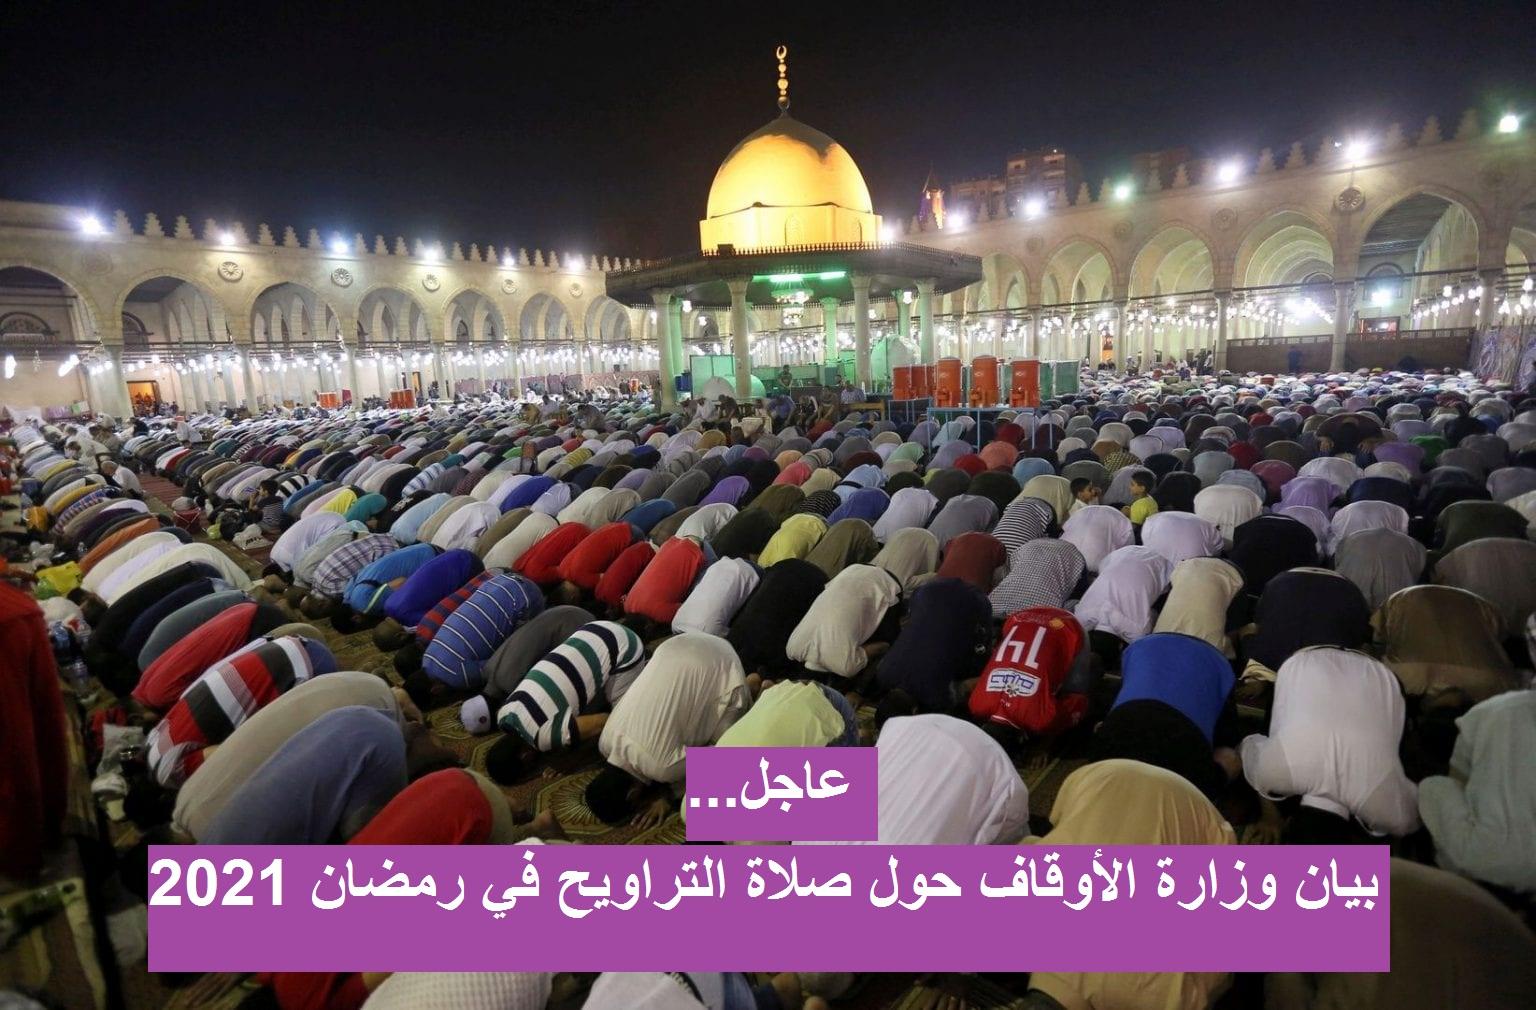 بيان رسمي من الأوقاف منذ قليل حول صلاة التراويح بالمساجد رمضان 2021 والإعتكاف بالعشر الأواخر